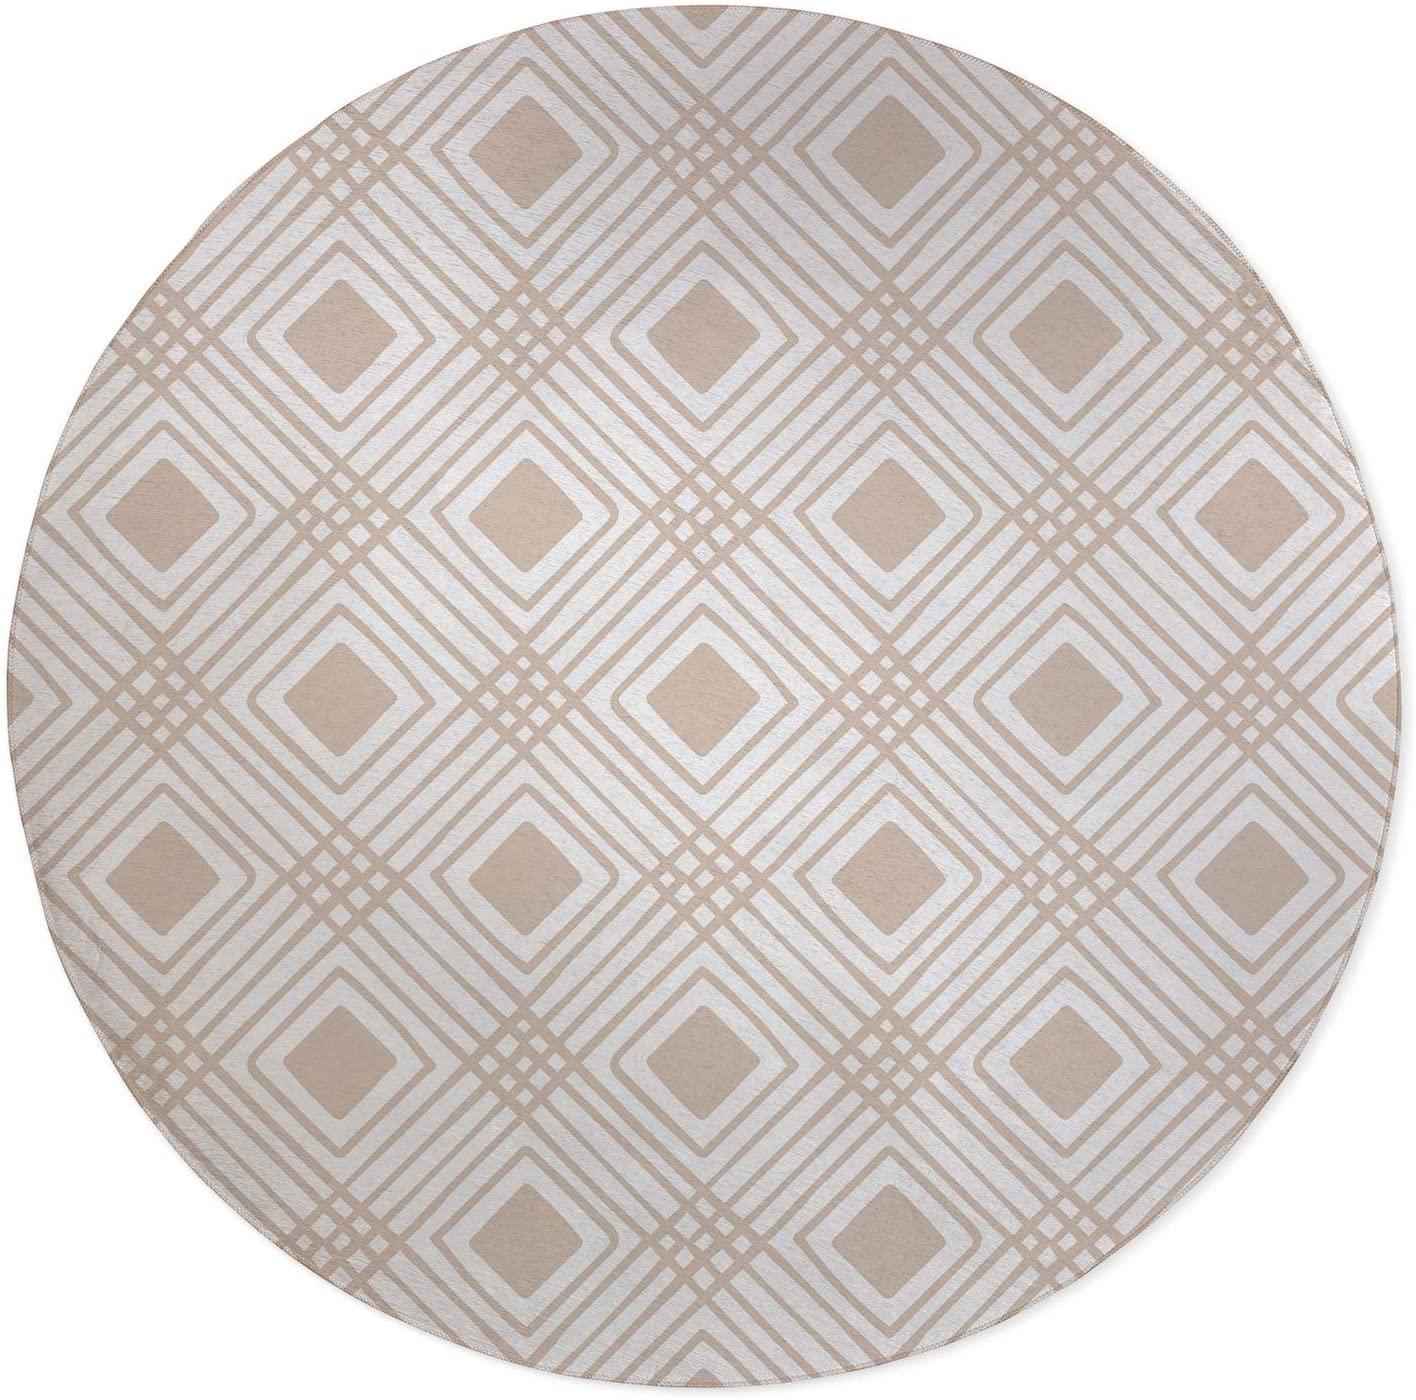 Criss Cross Diamonds Tan Office Mat Beige Modern Contemporary Synthetic Fiber